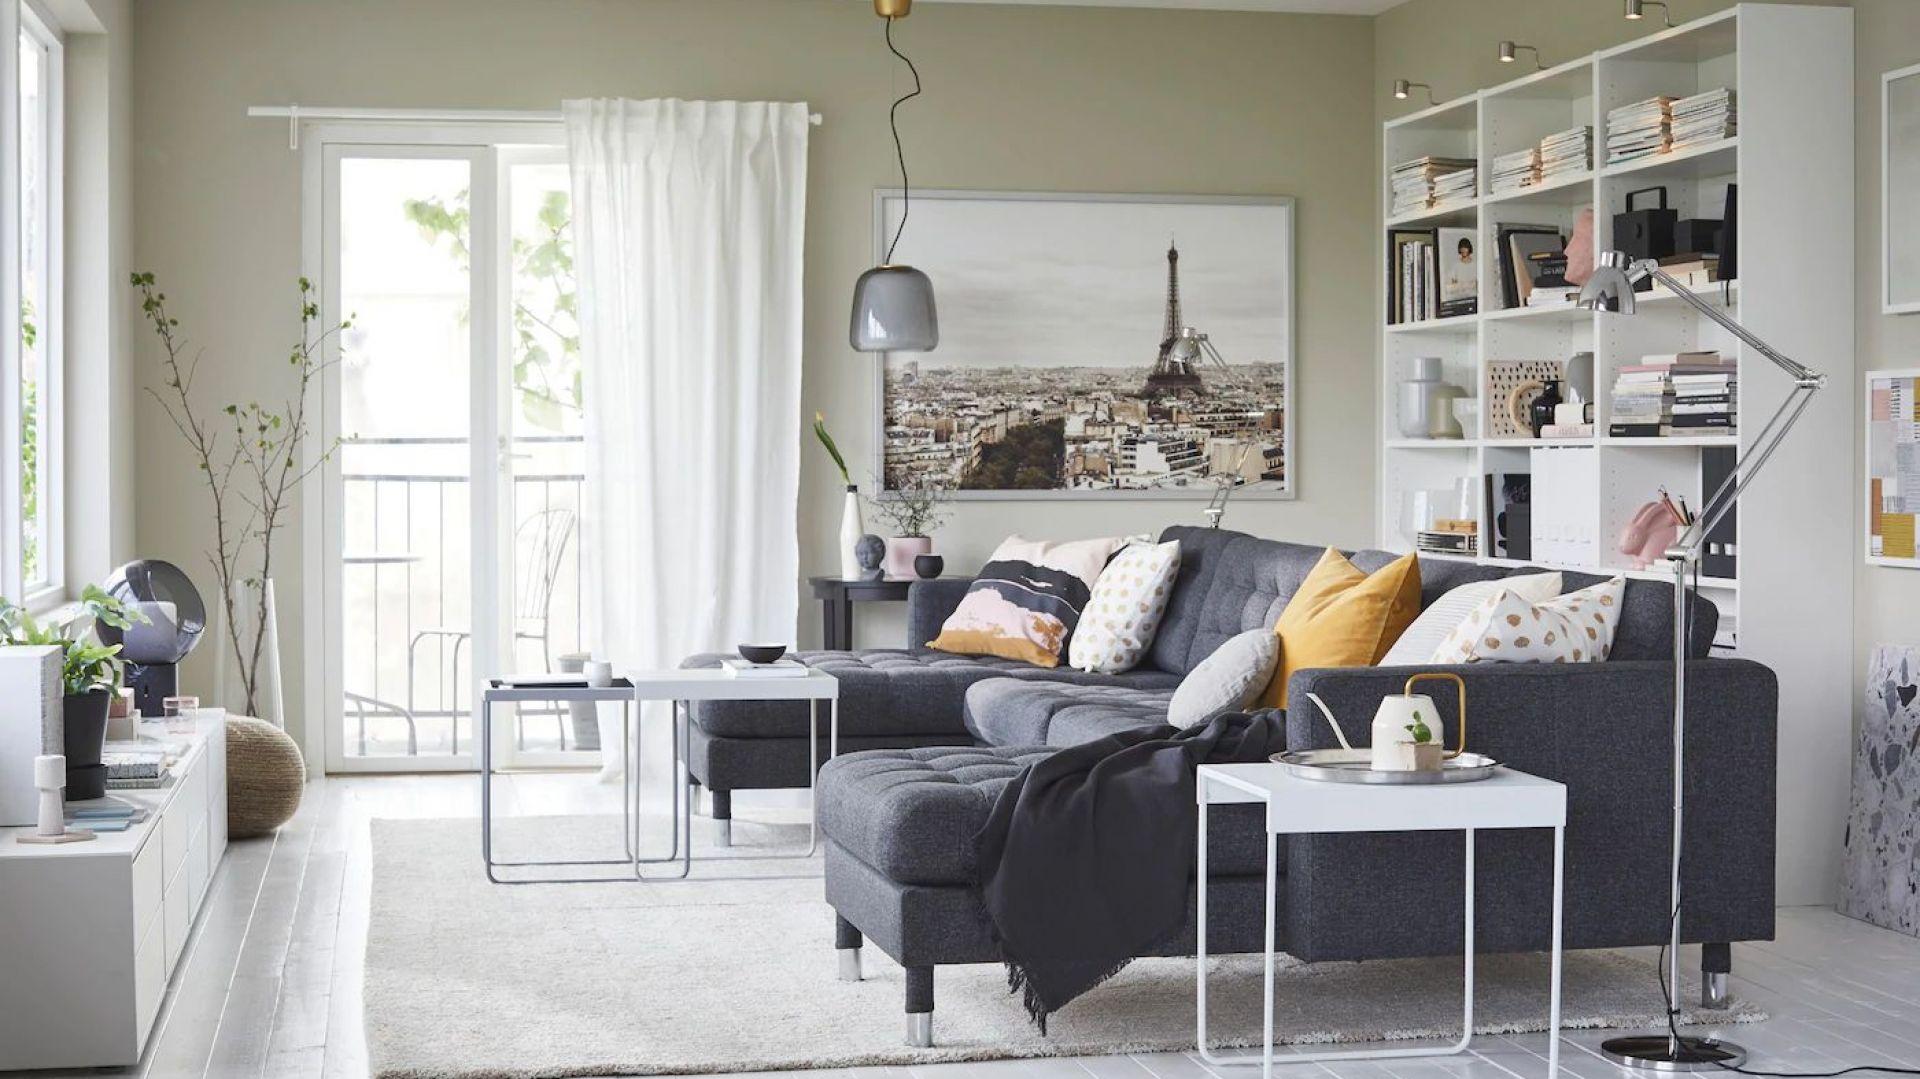 W małym salonie warto naprawdę starannie wybrać kanapę, niezależnie od tego czy będzie to narożnik czy sofa. To będzie przecież nasze domowe centrum dowodzenia, musi więc być wygodne i komfortowe. Fot. IKEA